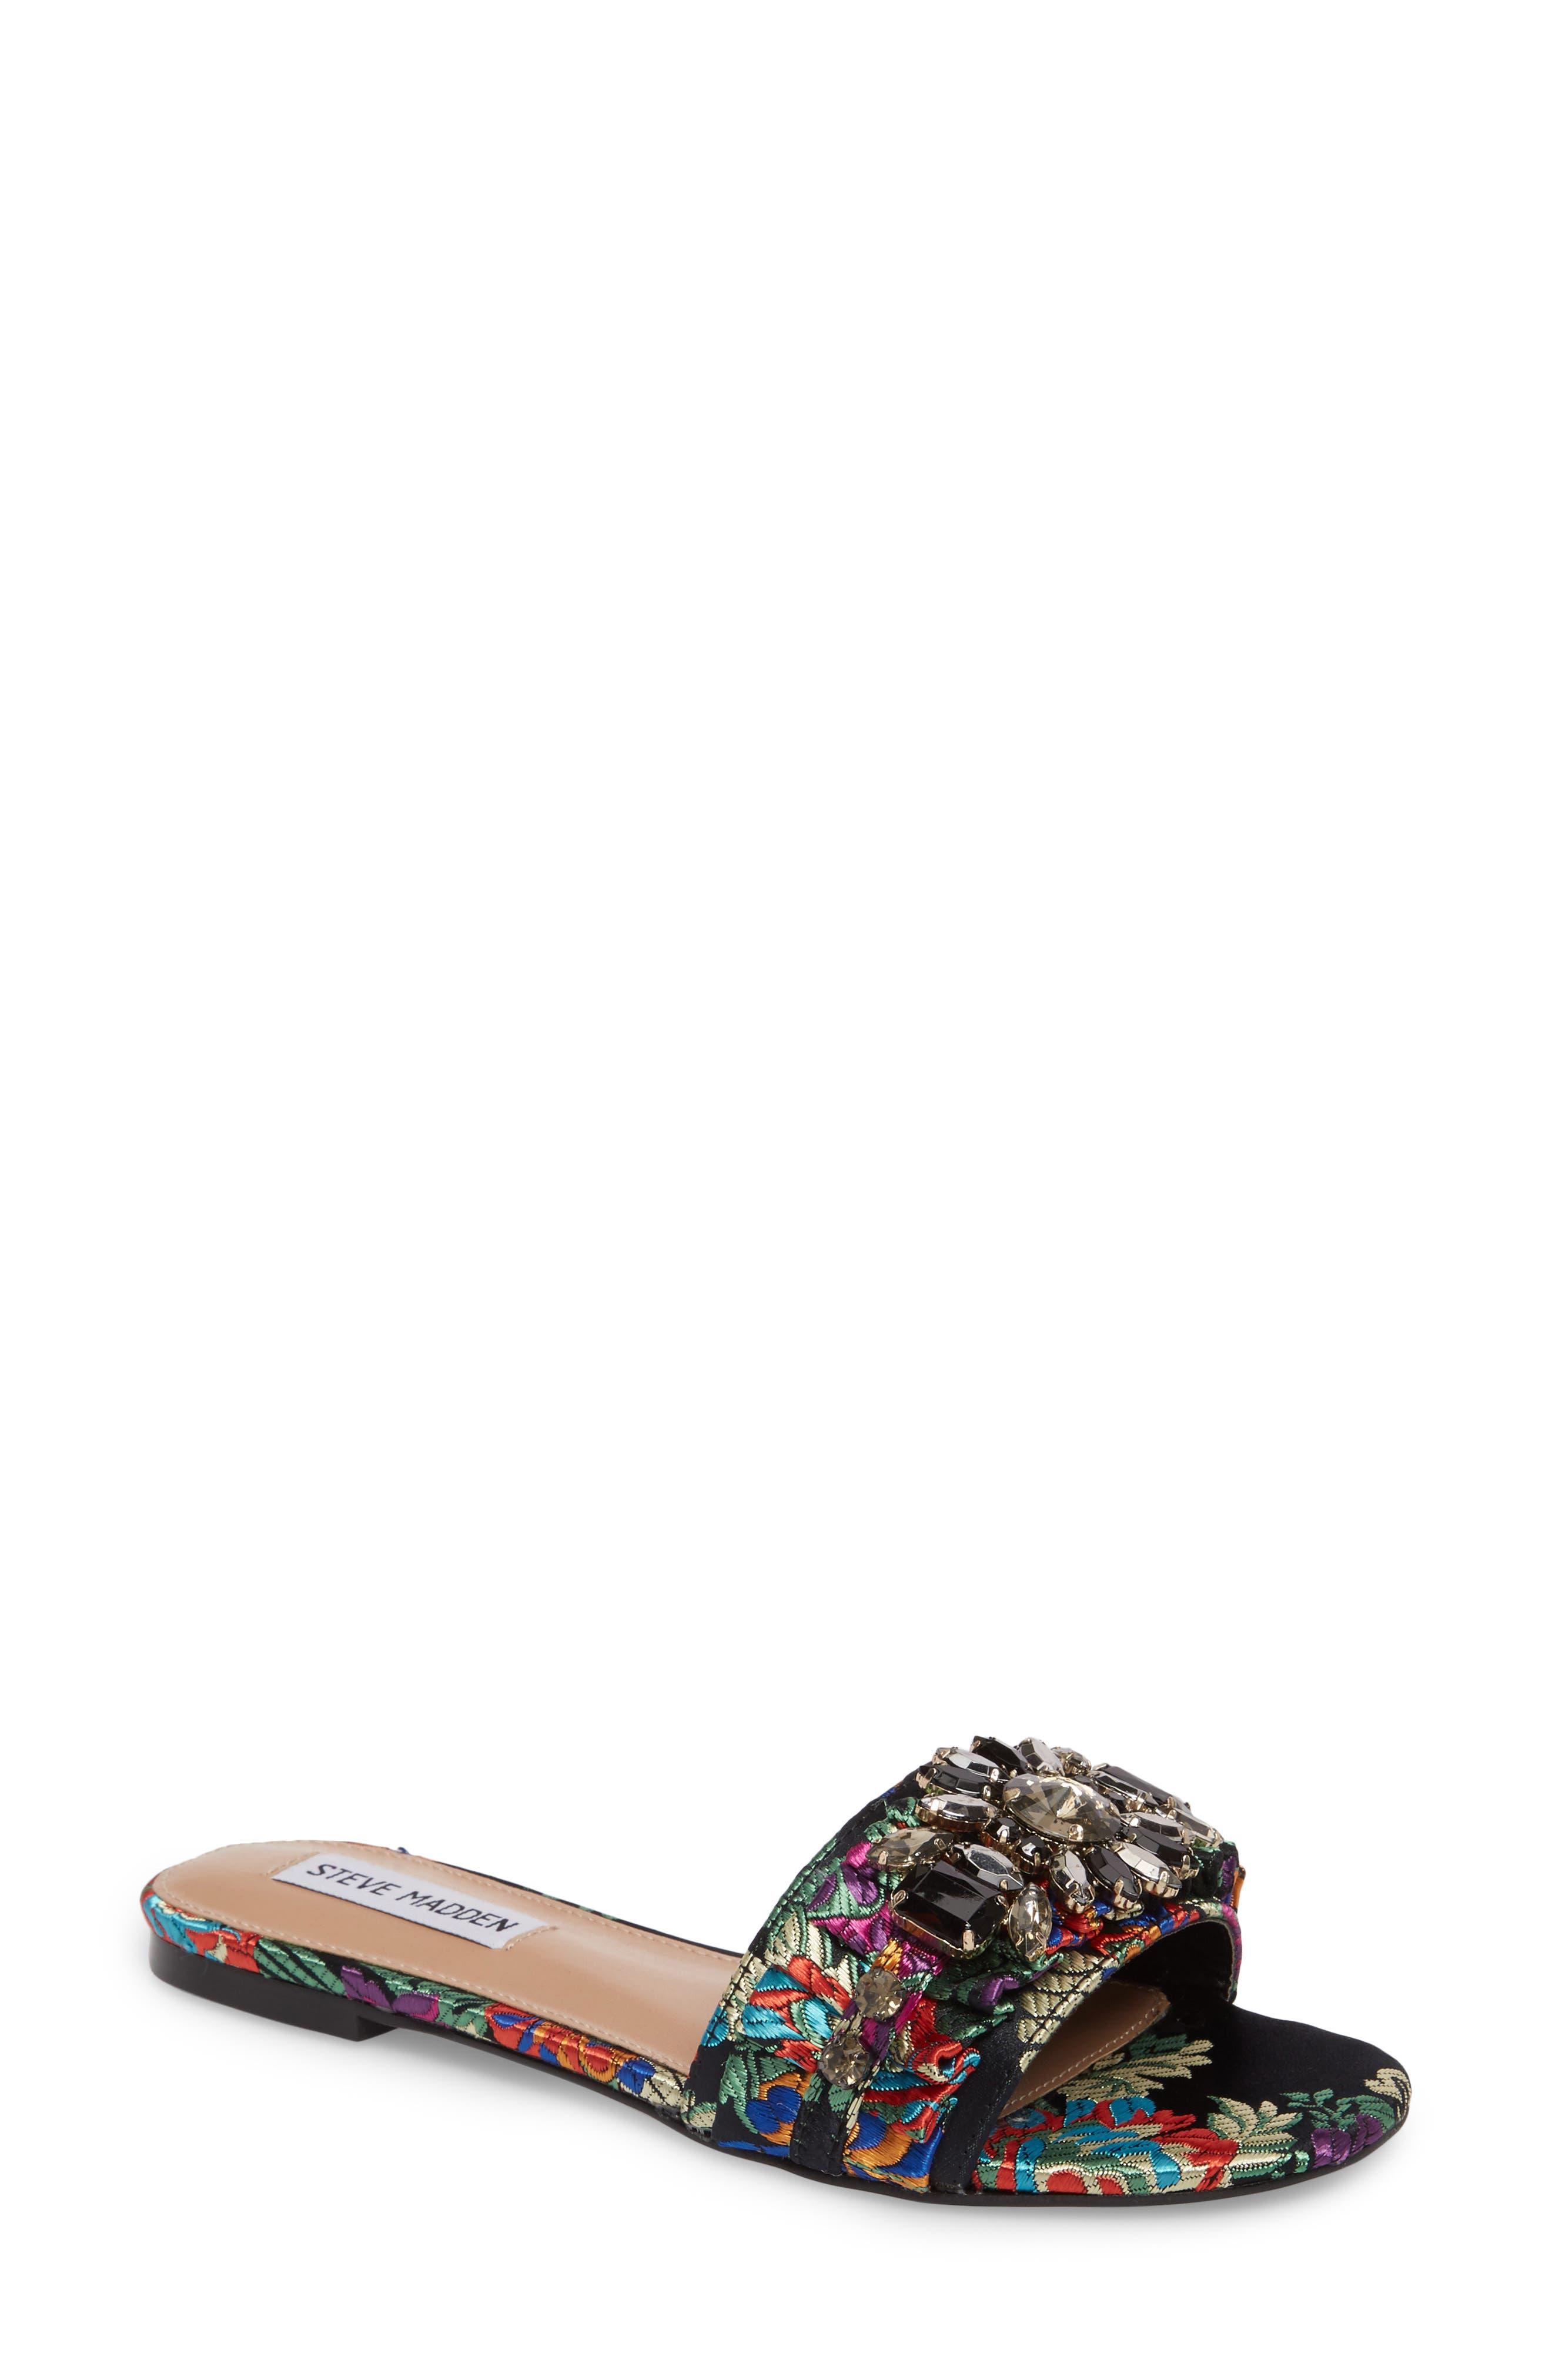 Pomona Crystal Embellished Slide Sandal,                         Main,                         color, Black Multi